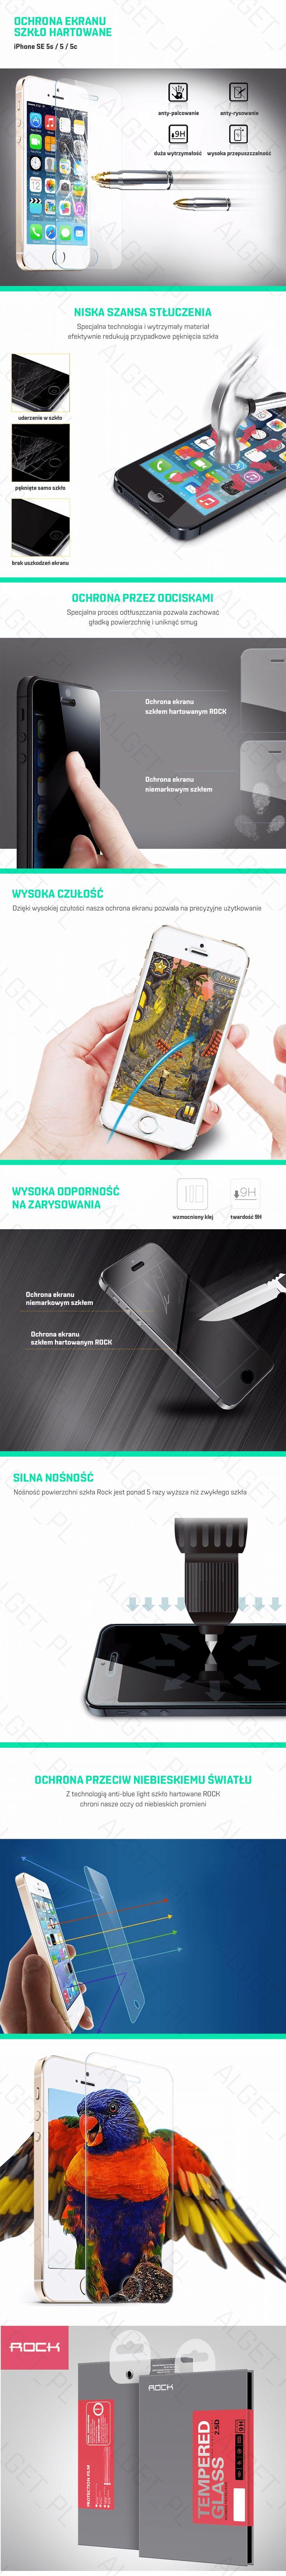 Przedmiotem aukcji jest szkło hartowane marki ROCK na wyświetlacz telefonu iPhone 5/5S/SE. Warstwa szkła hartowanego ma zaledwie 0,3mm grubości oraz cechuje go bardzo wysoka twardość (9H) zapewniając dodatkową ochronę dla Twojego telefonu. Idealna przezroczystość szkła nie zmienia wyświetlanego obrazu pozostawiając jasny i żywy obraz oraz nie powoduje negatywnego wpływu na działanie dotyku. Szkło jest idealnie dopasowane oraz posiada zastosowaną technologię Anti-Blue light, która chroni…